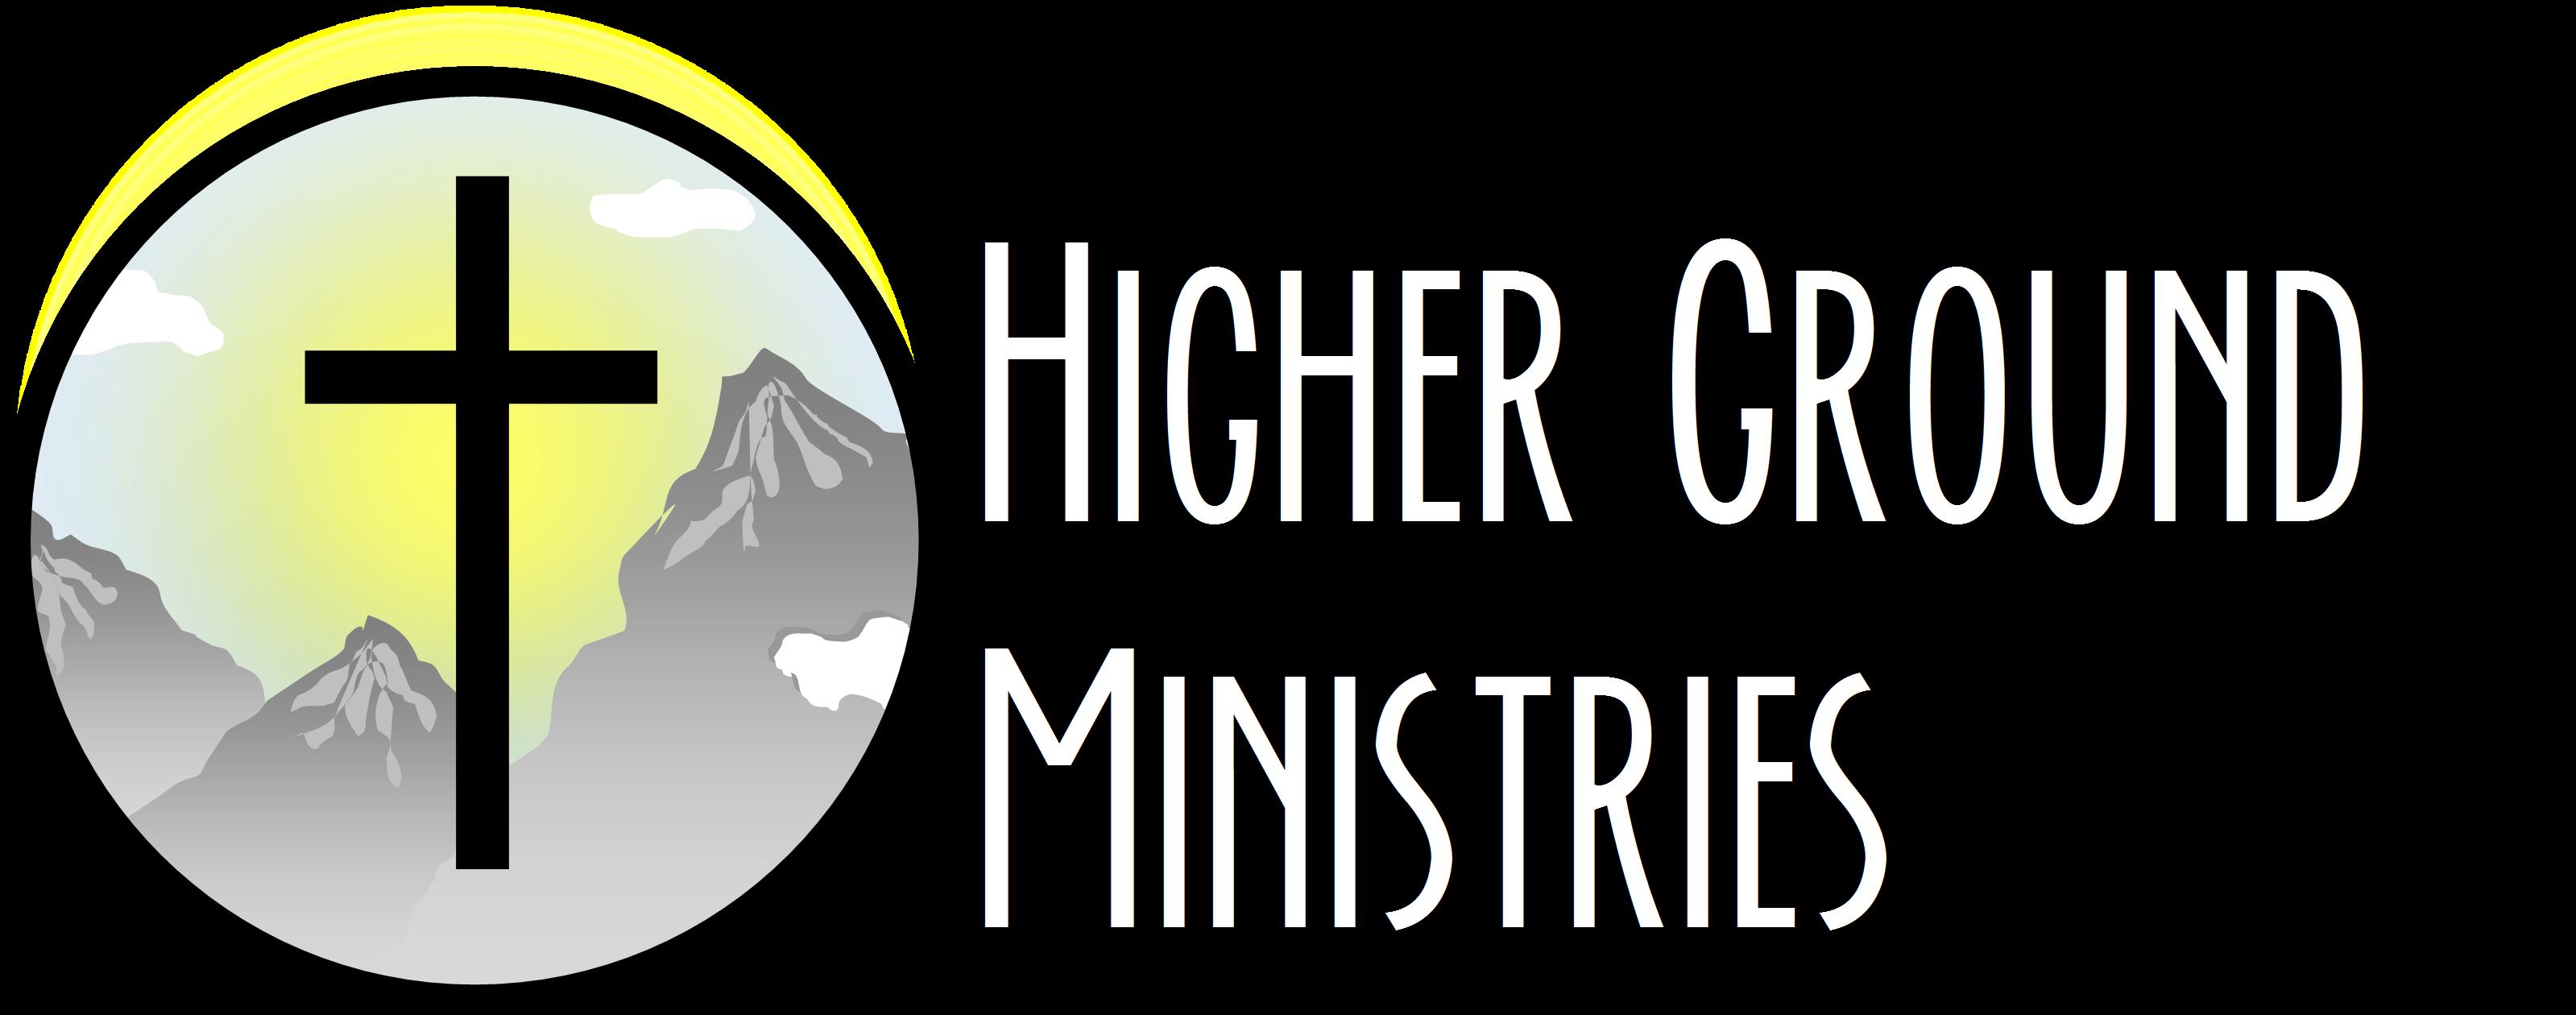 Higher Ground Ministries